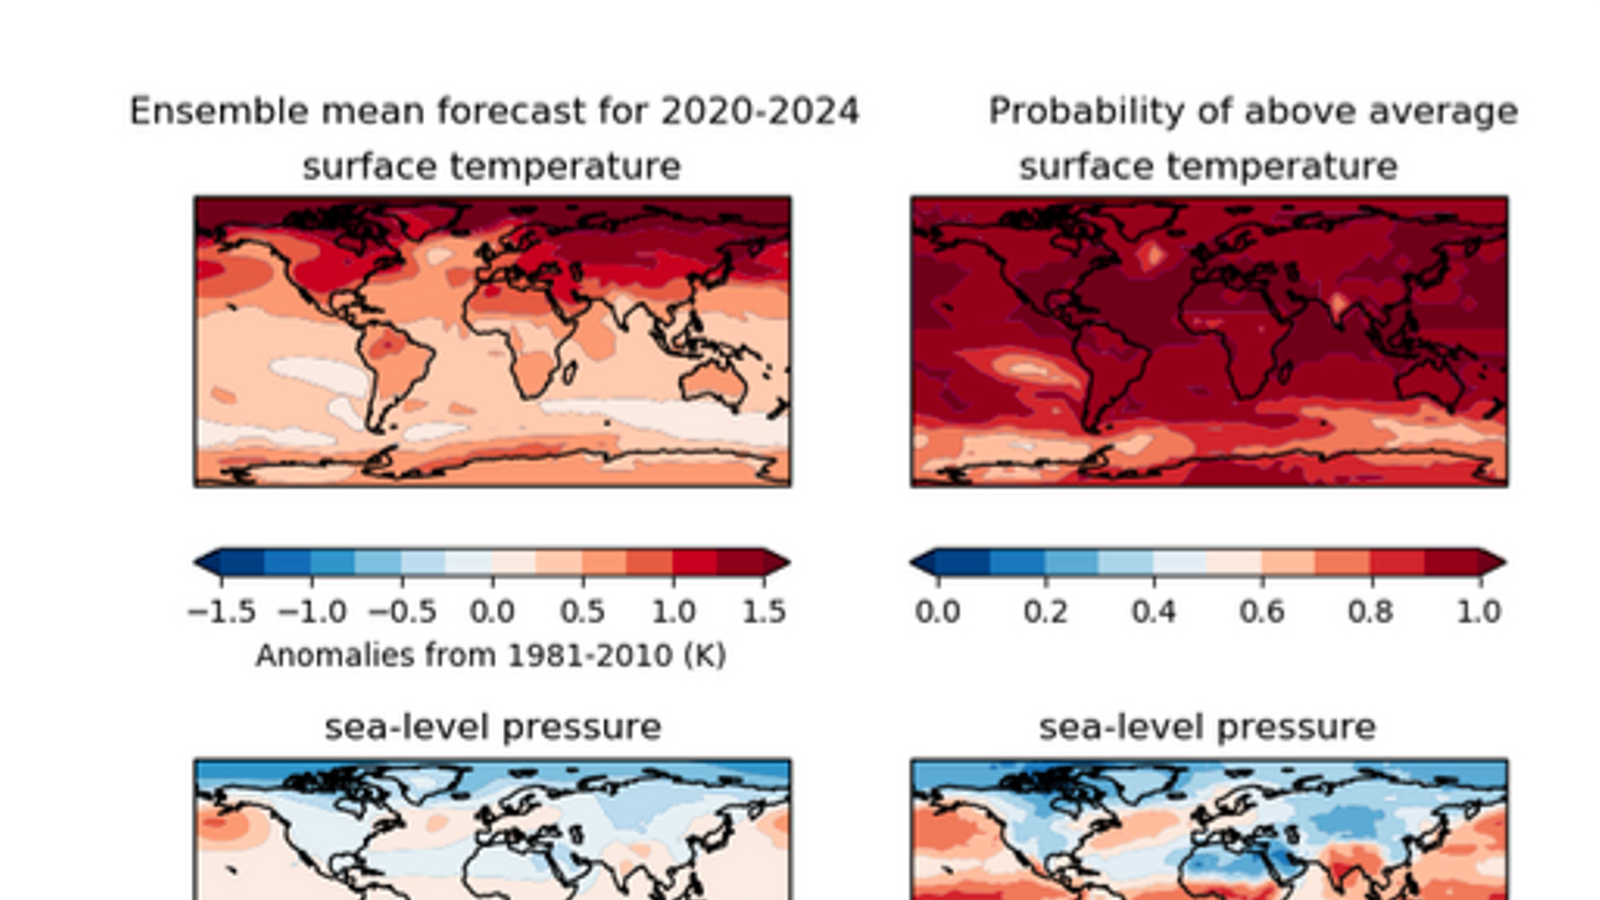 Resum d'alguns dels indicadors climàtics que apunta l'estudi